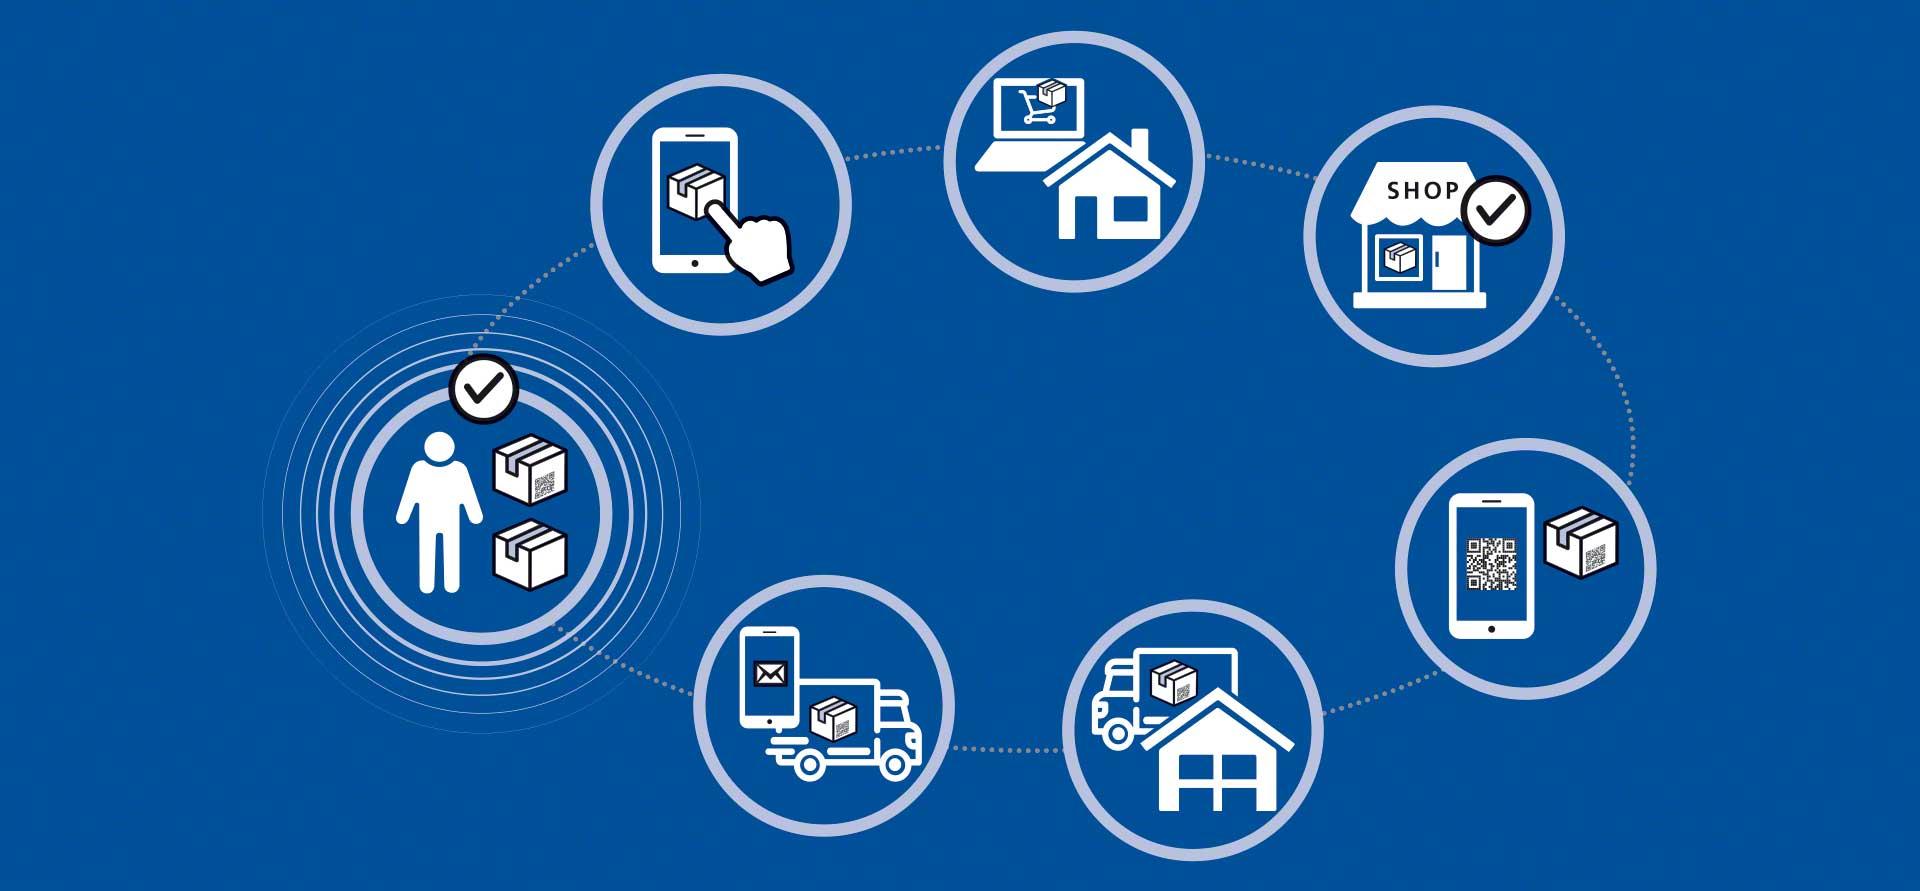 Logística omnicanal: cómo adaptar el almacén a las exigencias del e-commerce